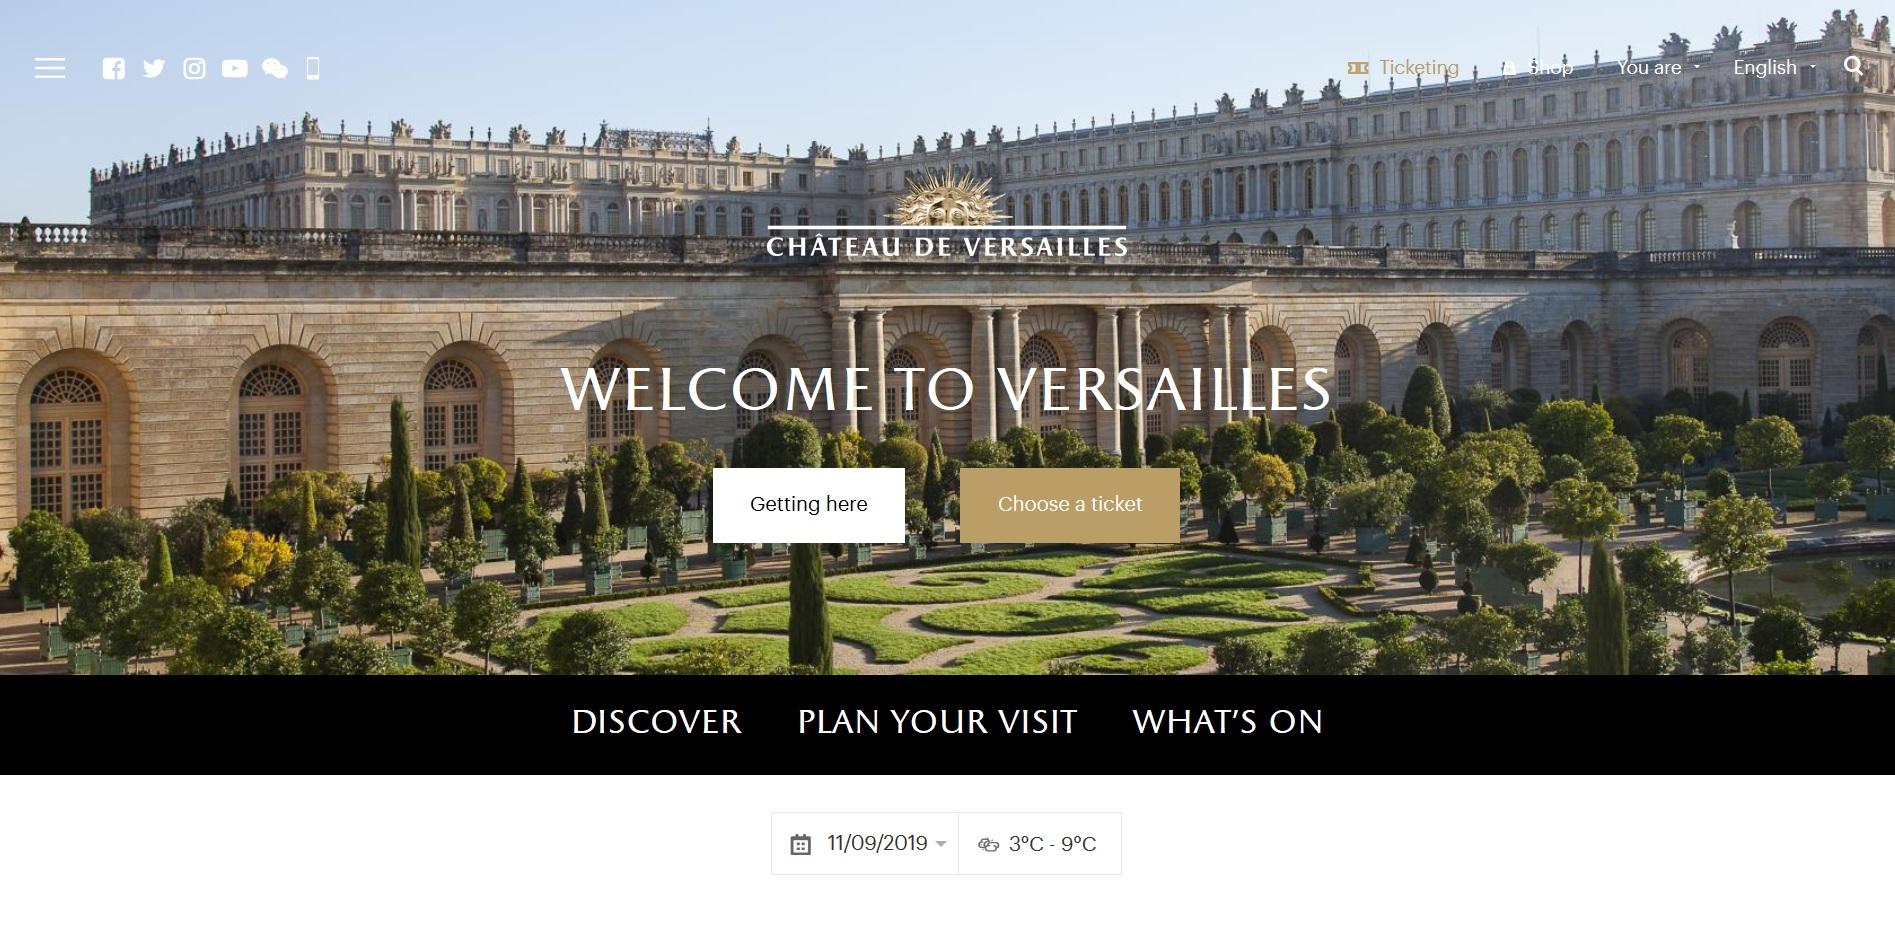 1) ベルサイユ宮殿の公式サイトを開く